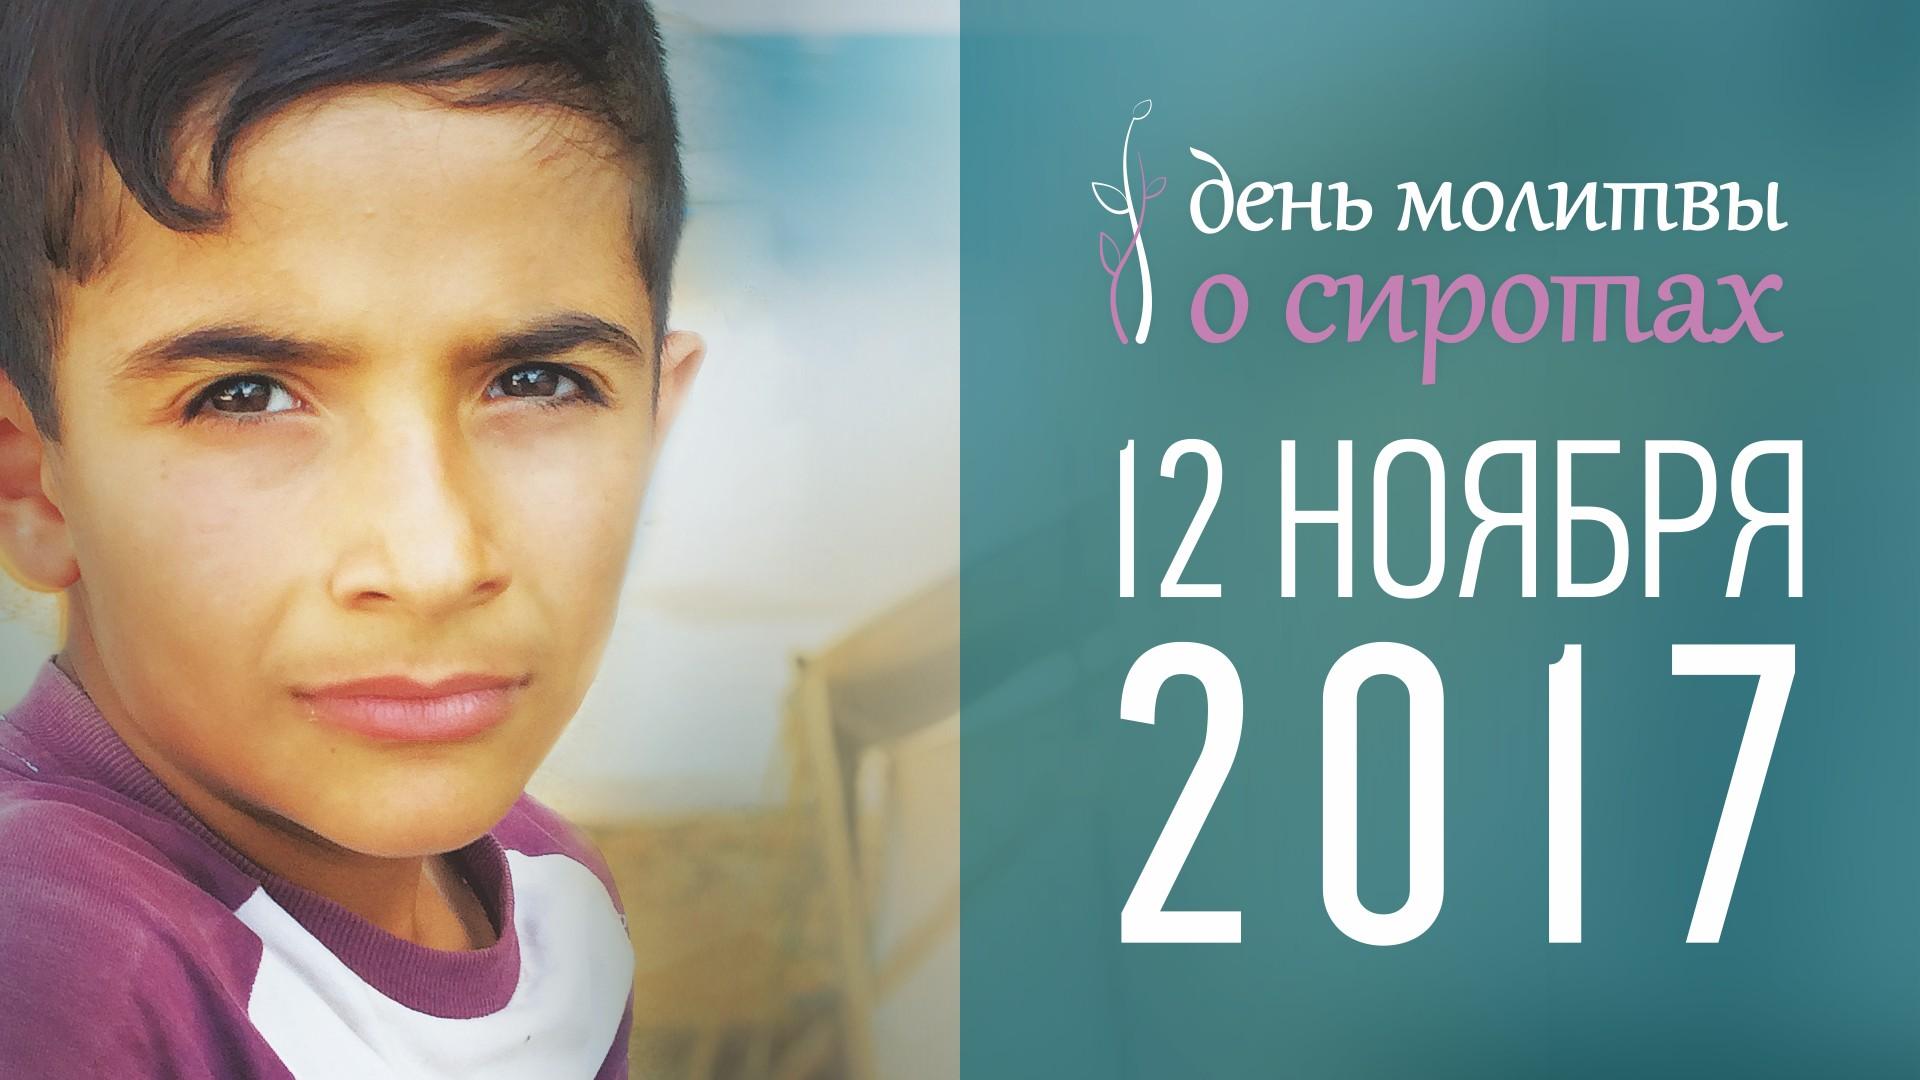 12 ноября – день молитвы о сиротах